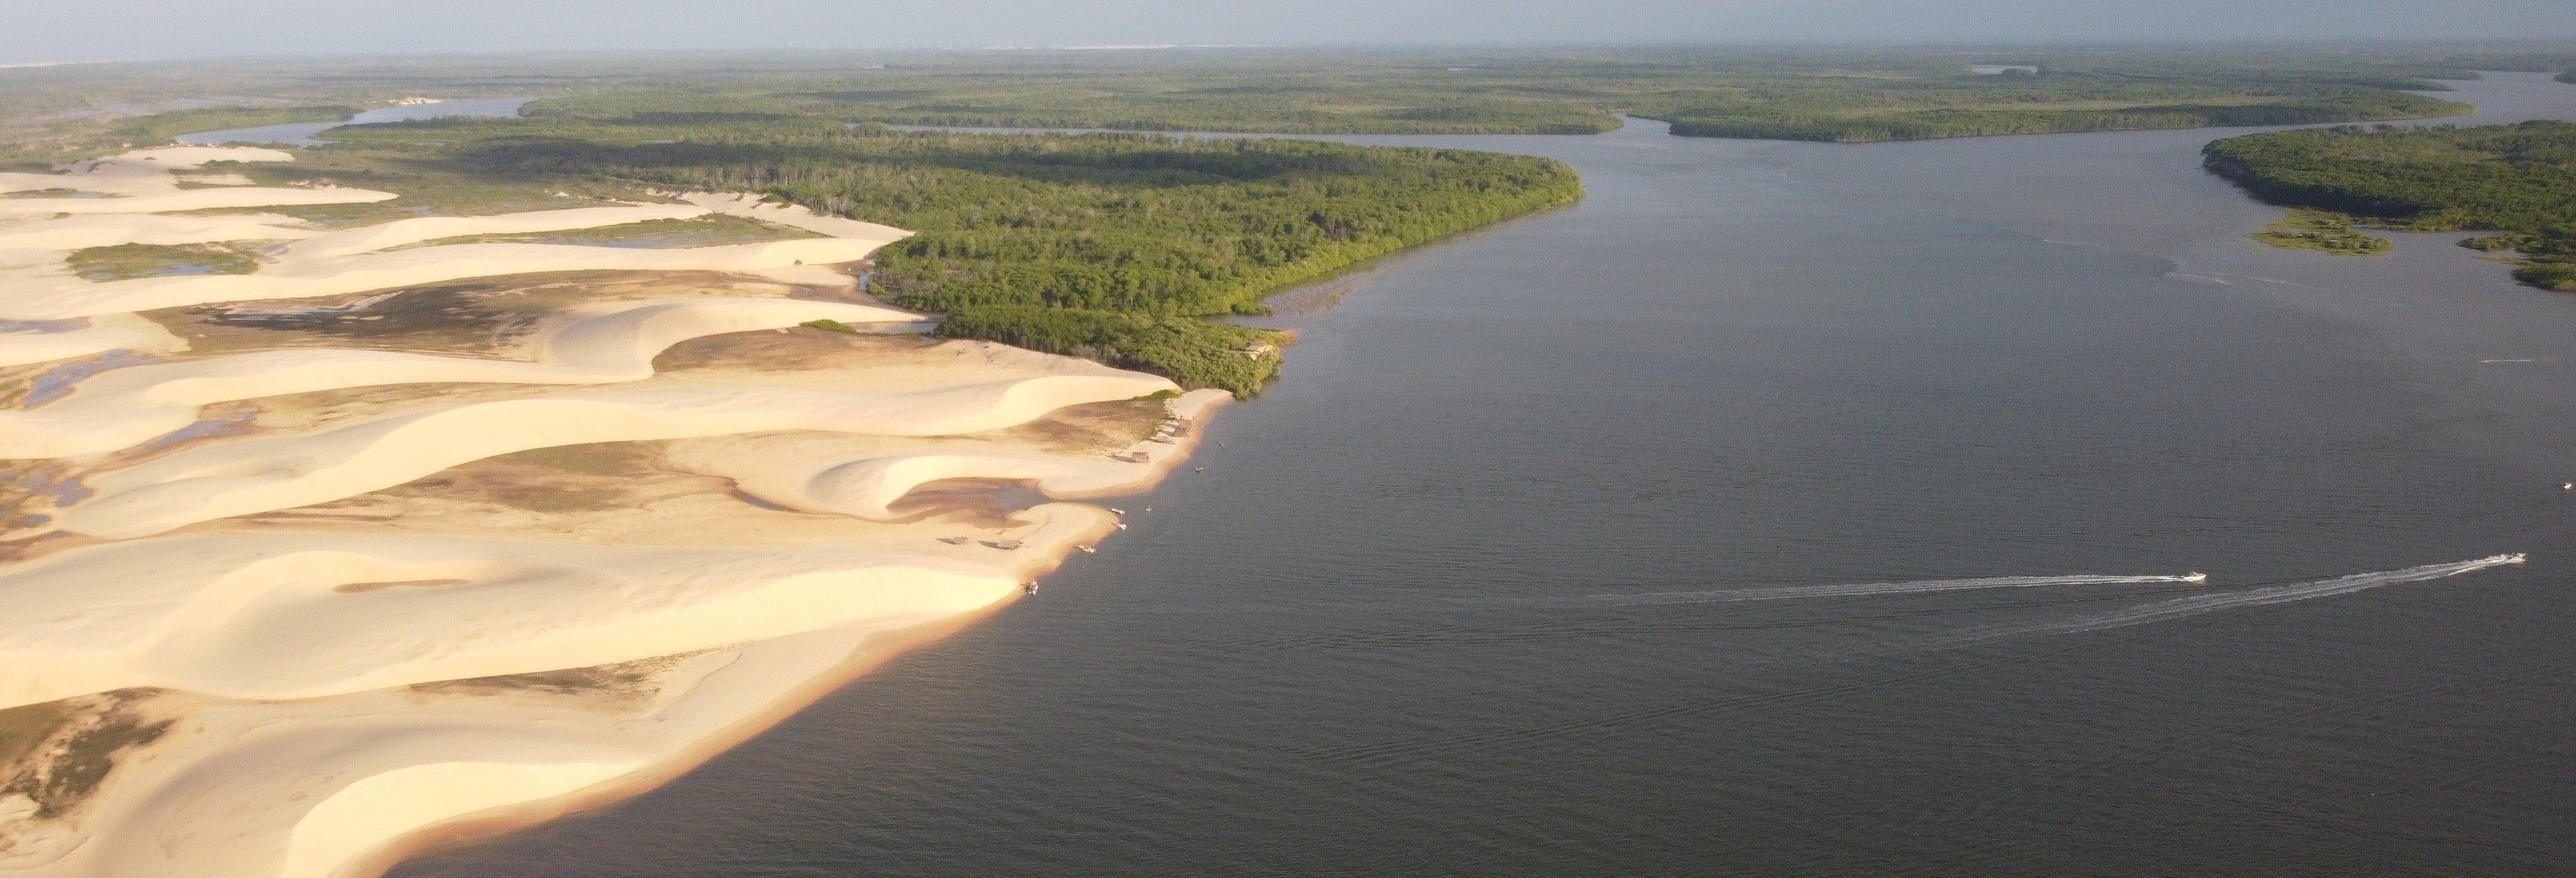 Tour privado de 4x4 pelo Delta do rio Parnaíba